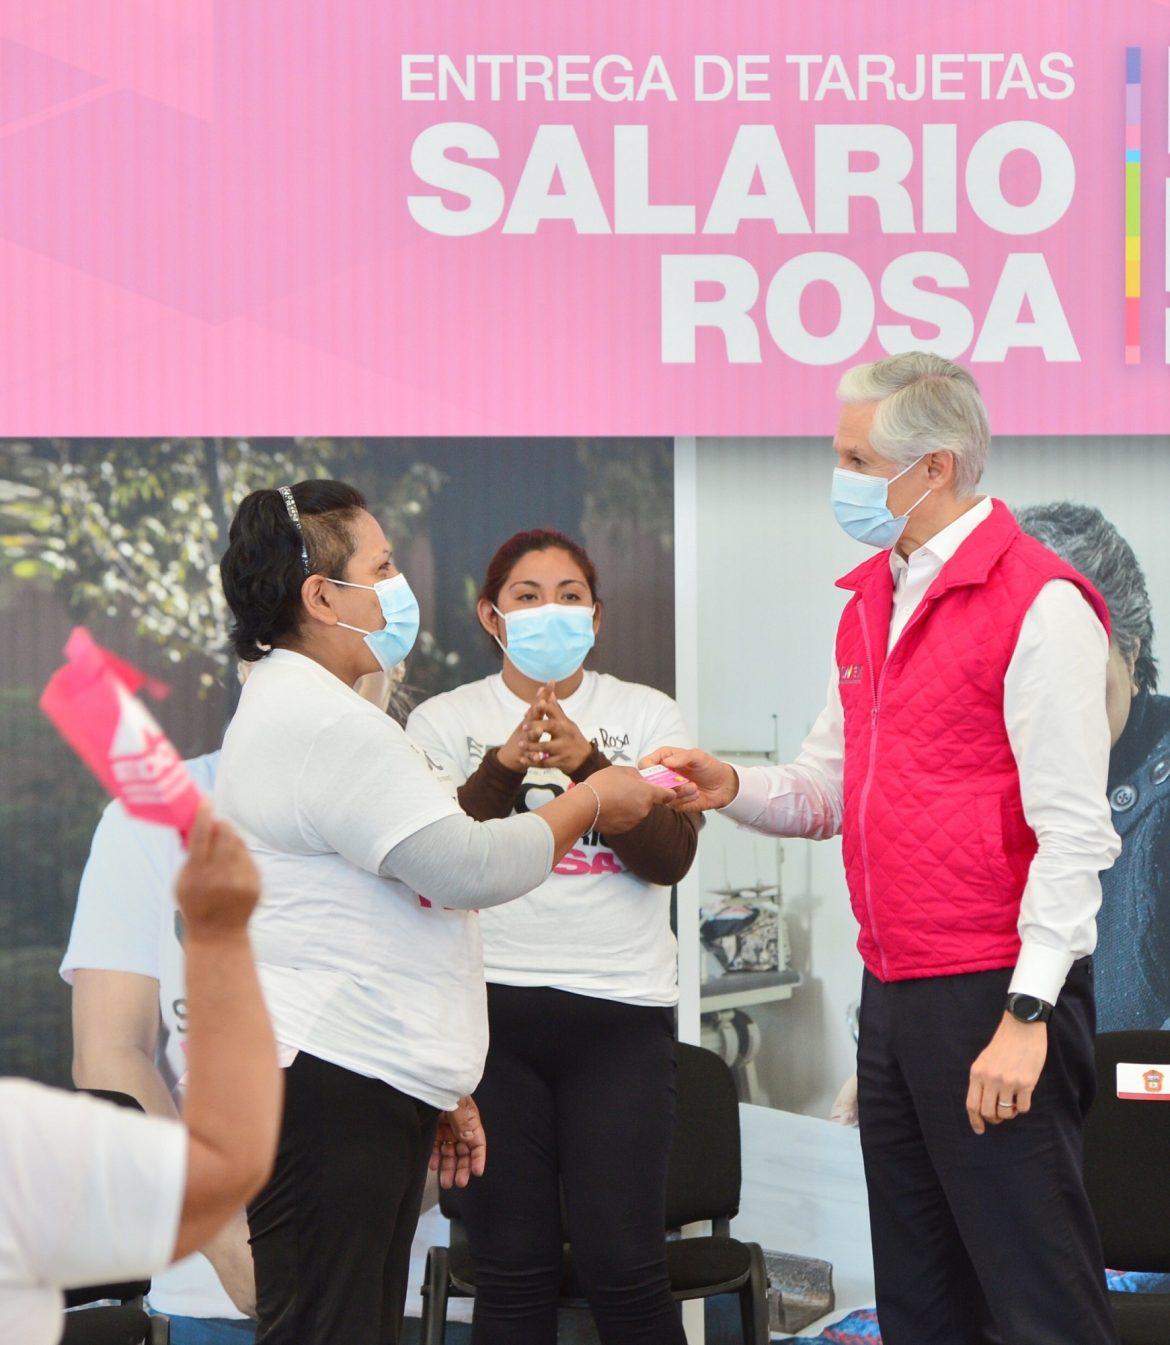 ENTREGAMOS EL SALARIO ROSA CON UN GRAN COMPROMISO PARA APOYAR A LAS AMAS DE CASA Y LA ECONOMÍA DE LAS FAMILIAS MEXIQUENSES: ALFREDO DEL MAZO